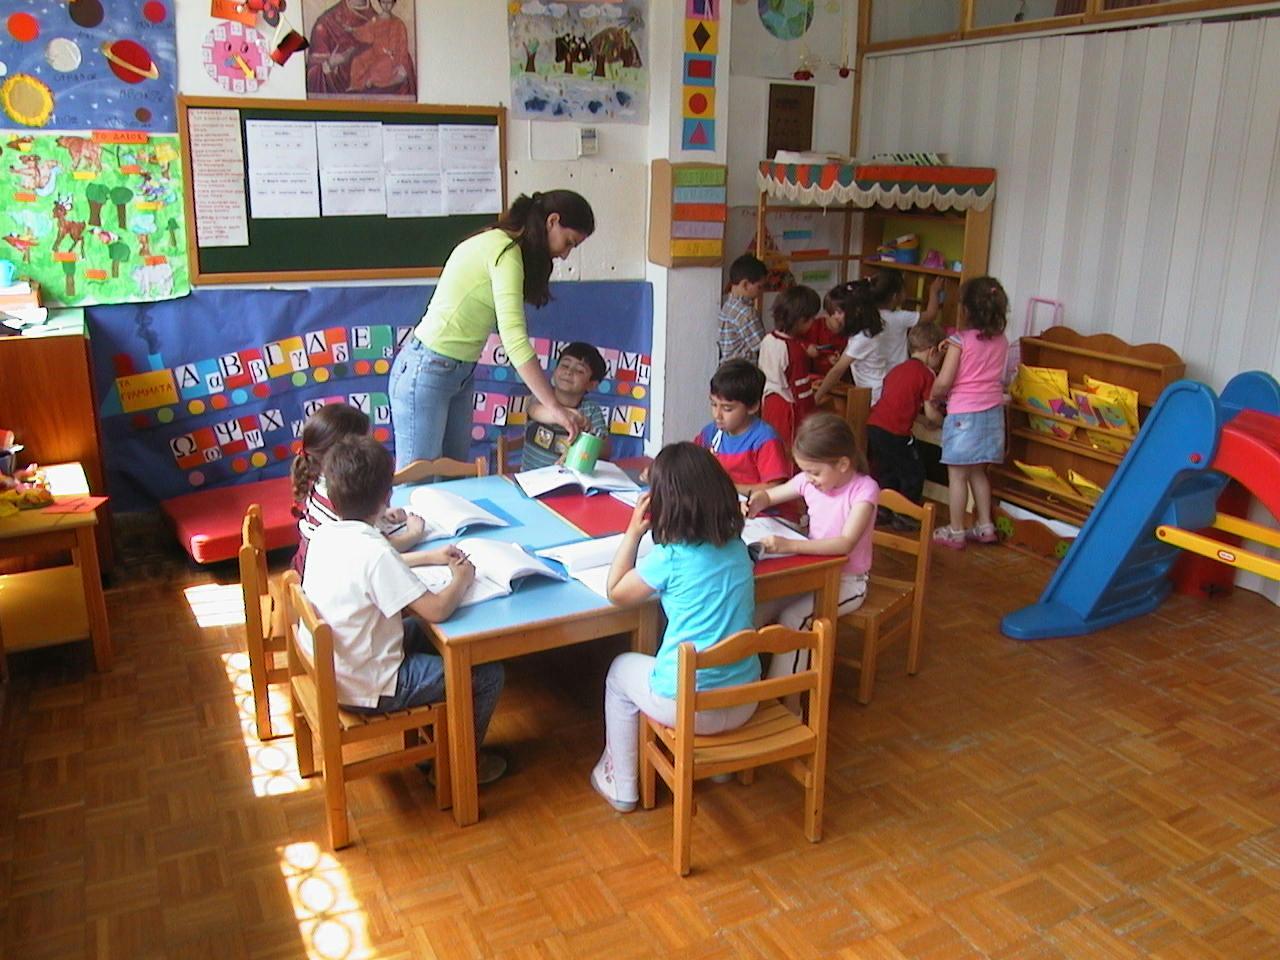 Δήμος Αγρινίου: 7 Σεπτεμβρίου η έναρξη Δημοτικών Παιδικών και Βρεφικών Σταθμών-Ποια μέτρα λαμβάνονται